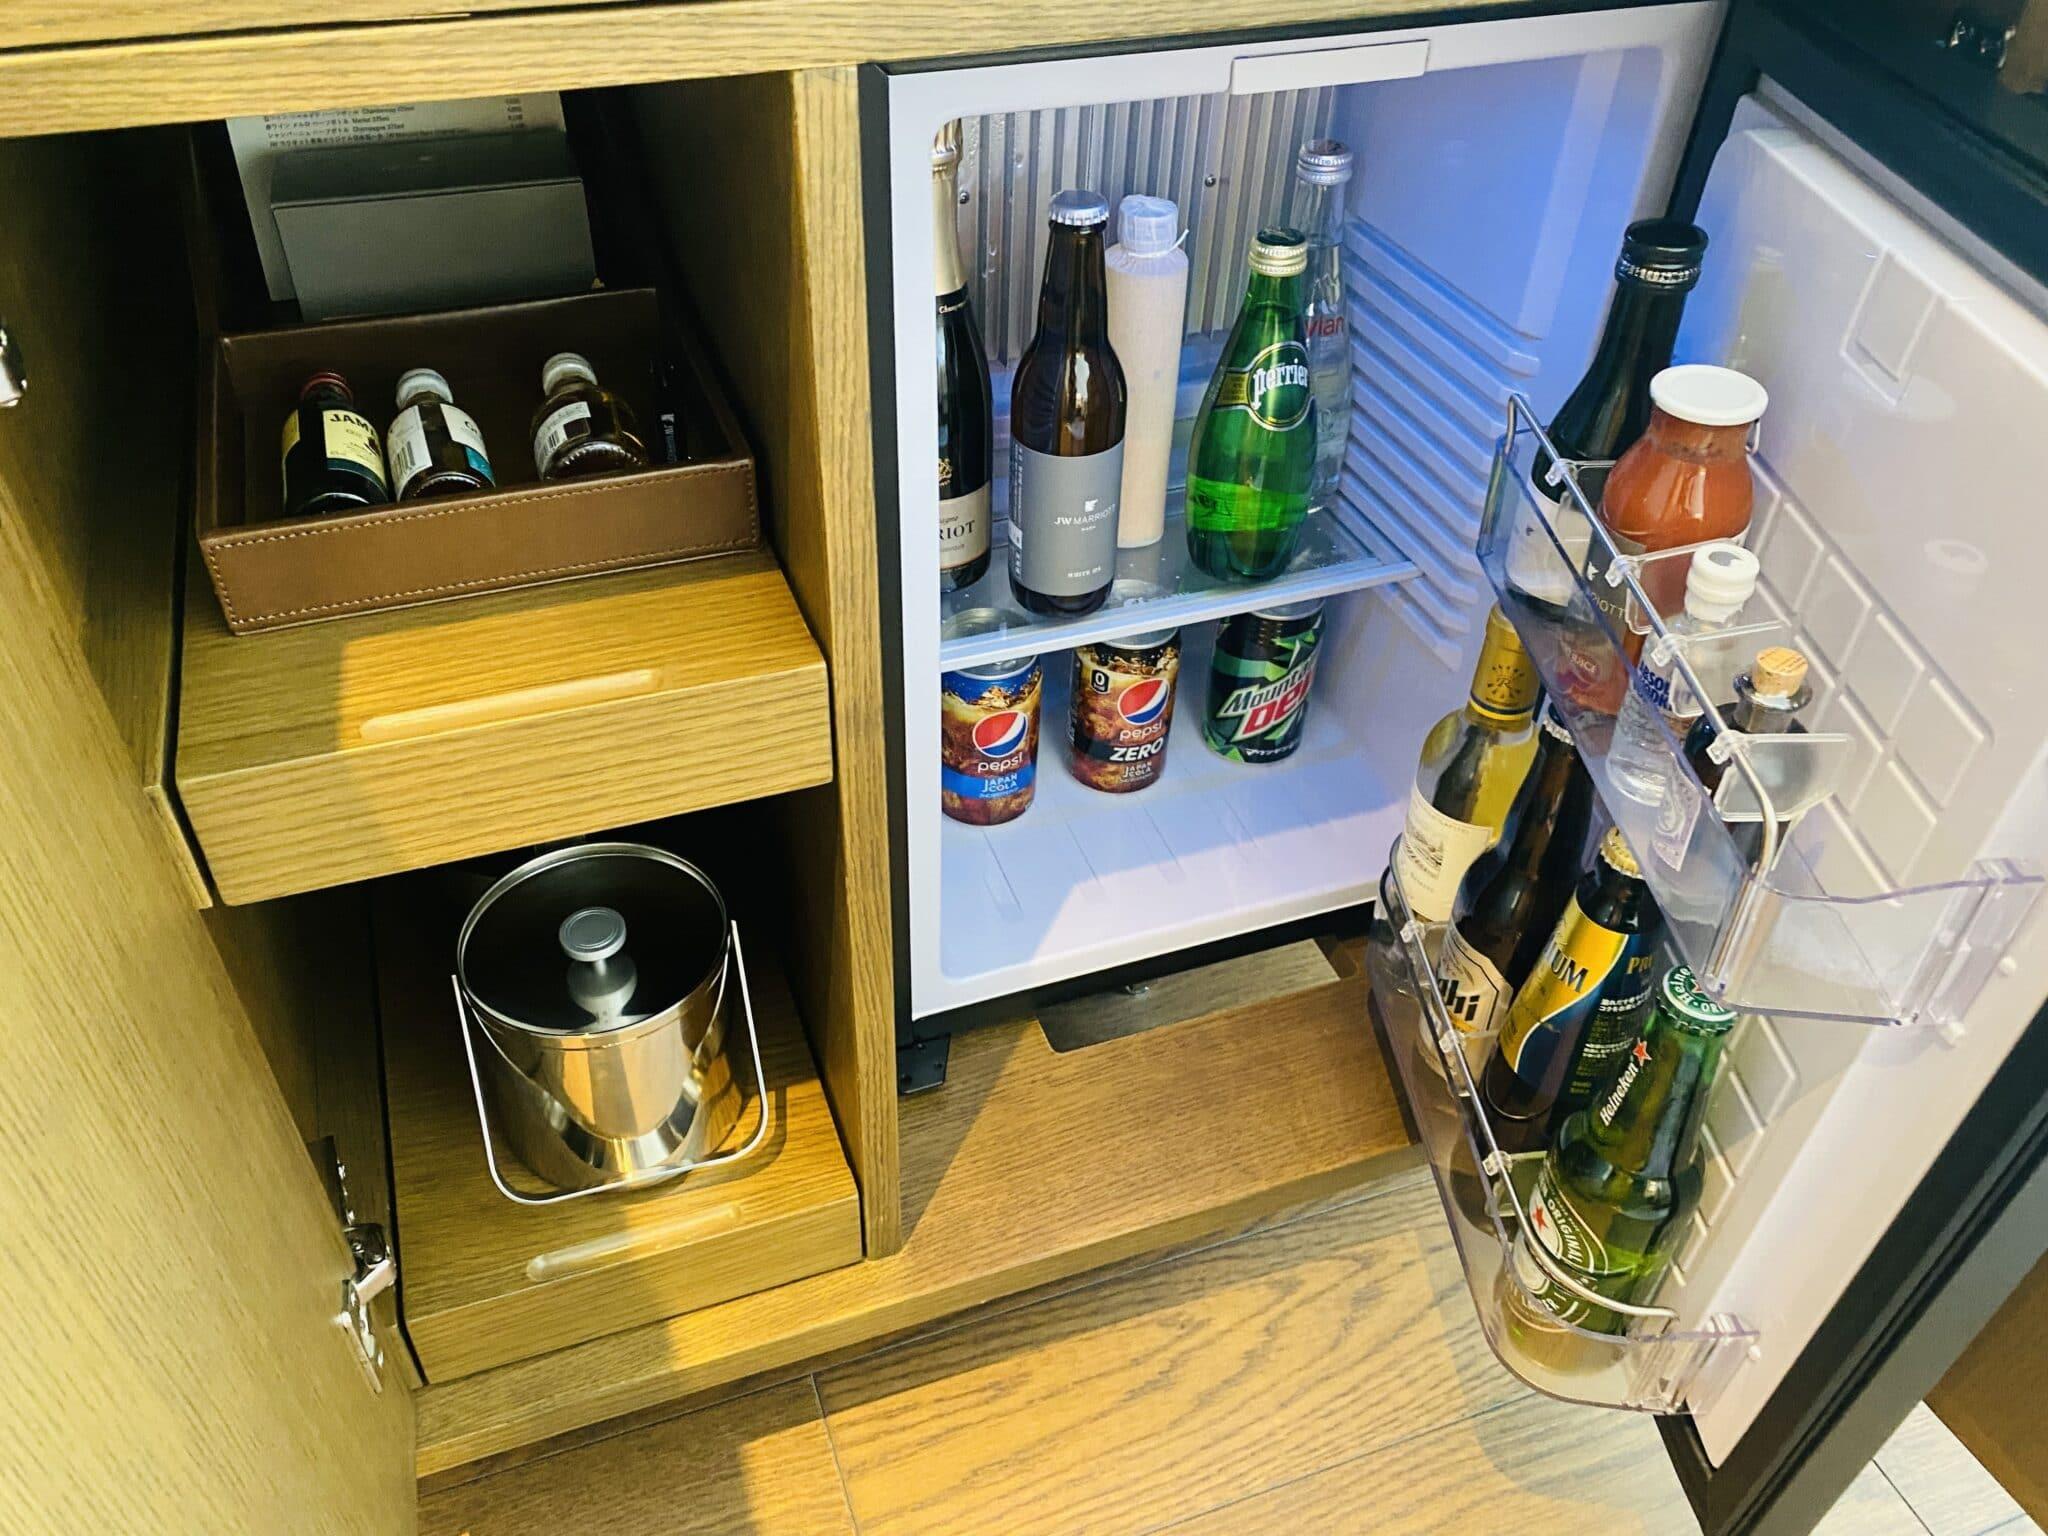 JWマリオットホテル奈良の冷蔵庫中身